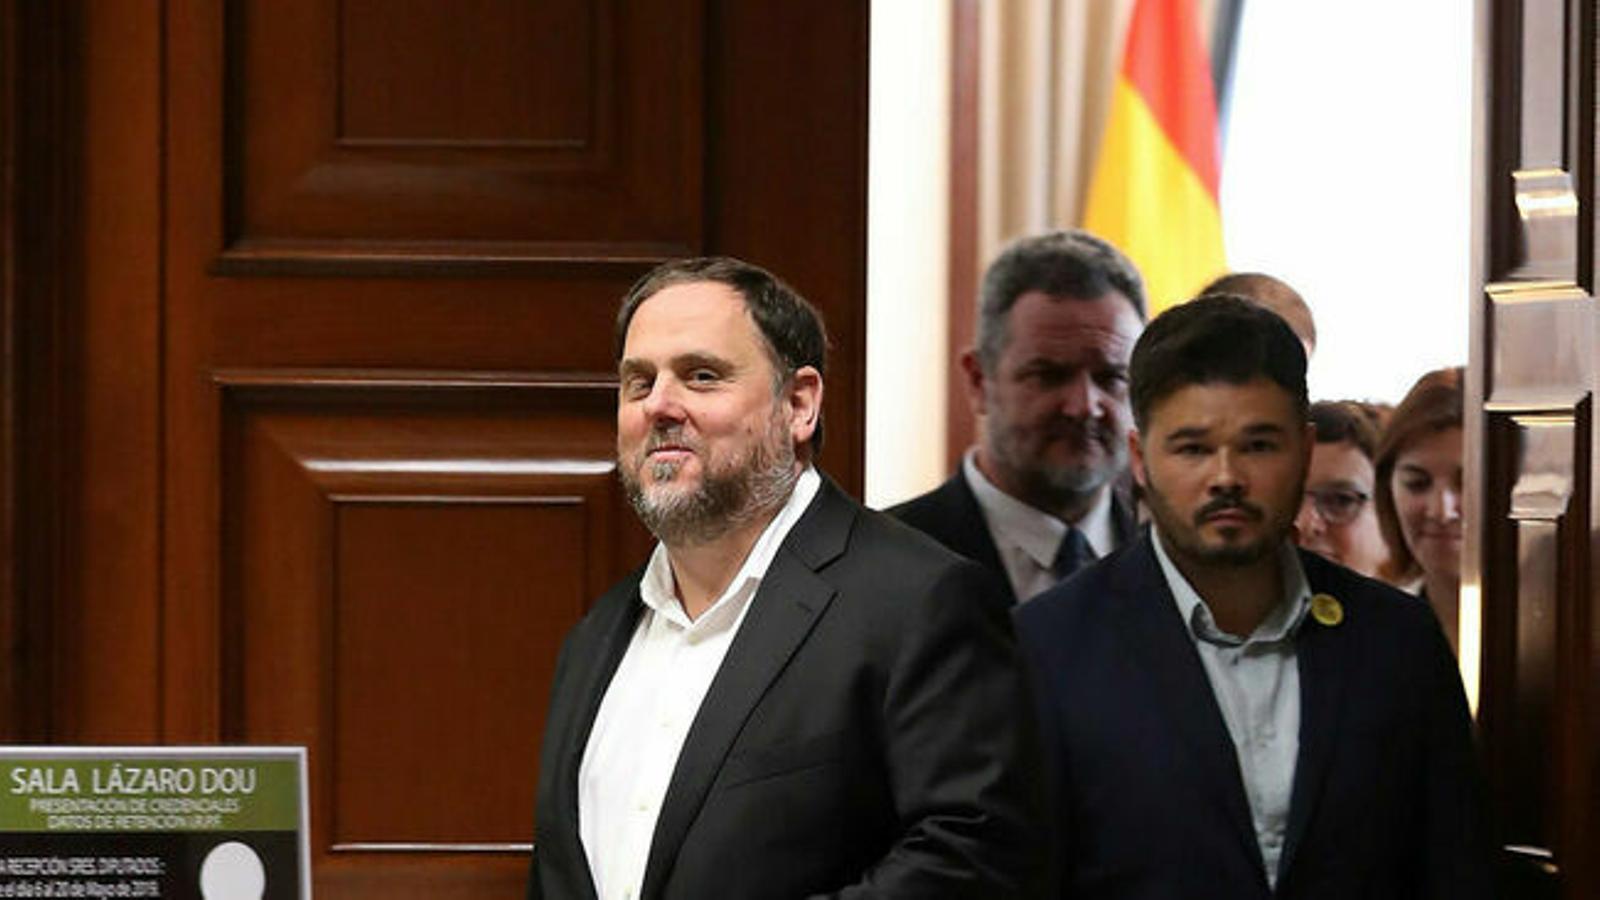 La Fiscalia rebutja la petició d'Oriol Junqueras de recollir l'acta d'eurodiputat davant la Junta Electoral Central